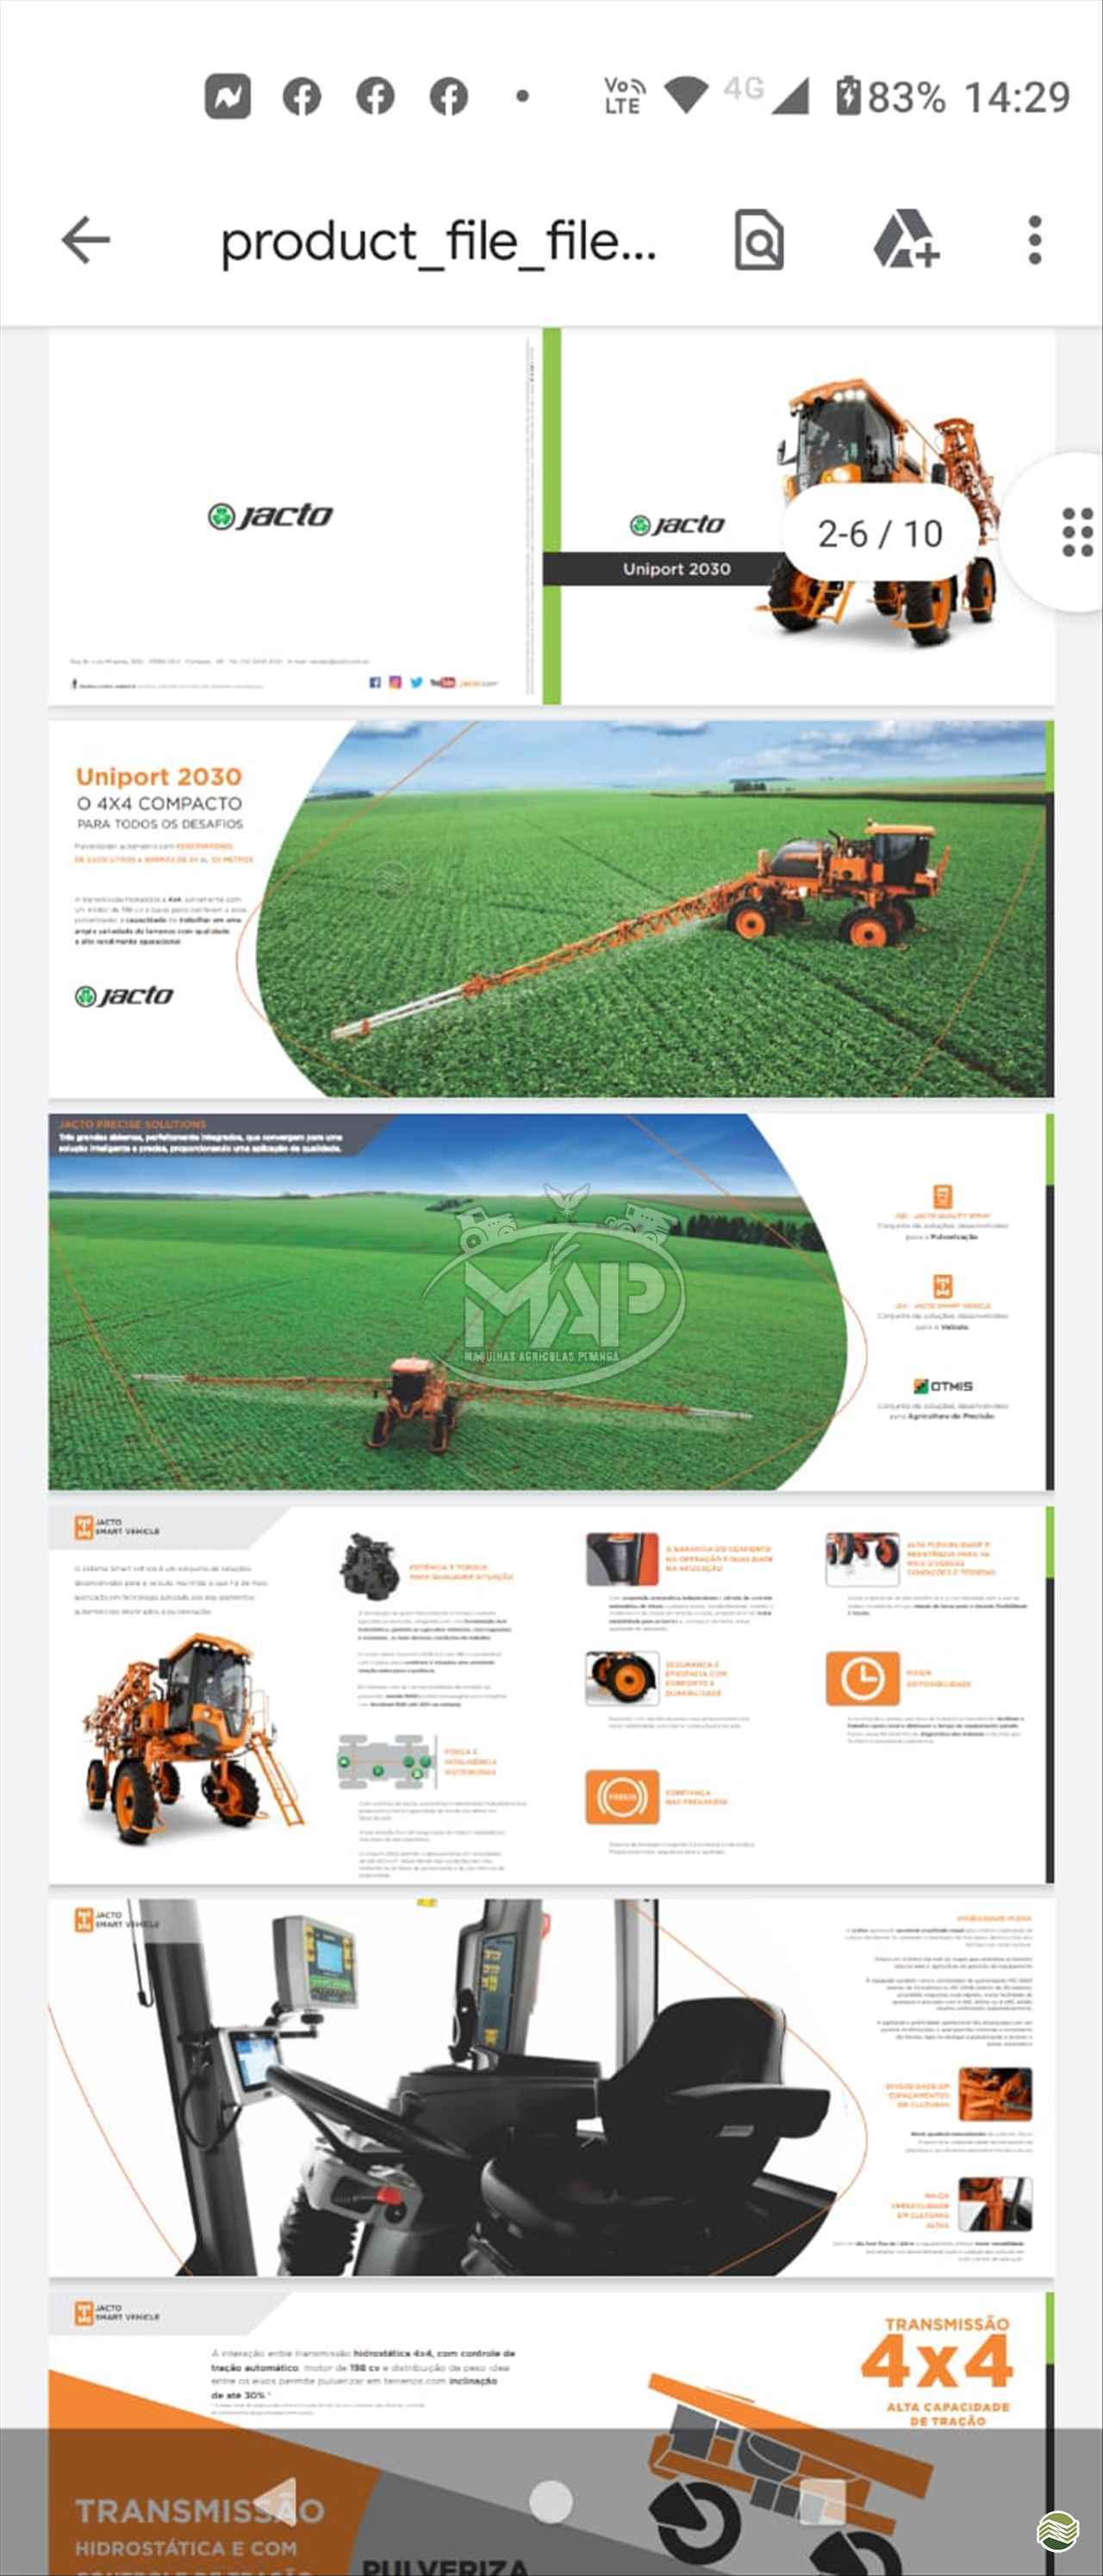 PULVERIZADOR JACTO UNIPORT 2030 Tração 4x4 Máquinas Agrícolas Pitanga PITANGA PARANÁ PR